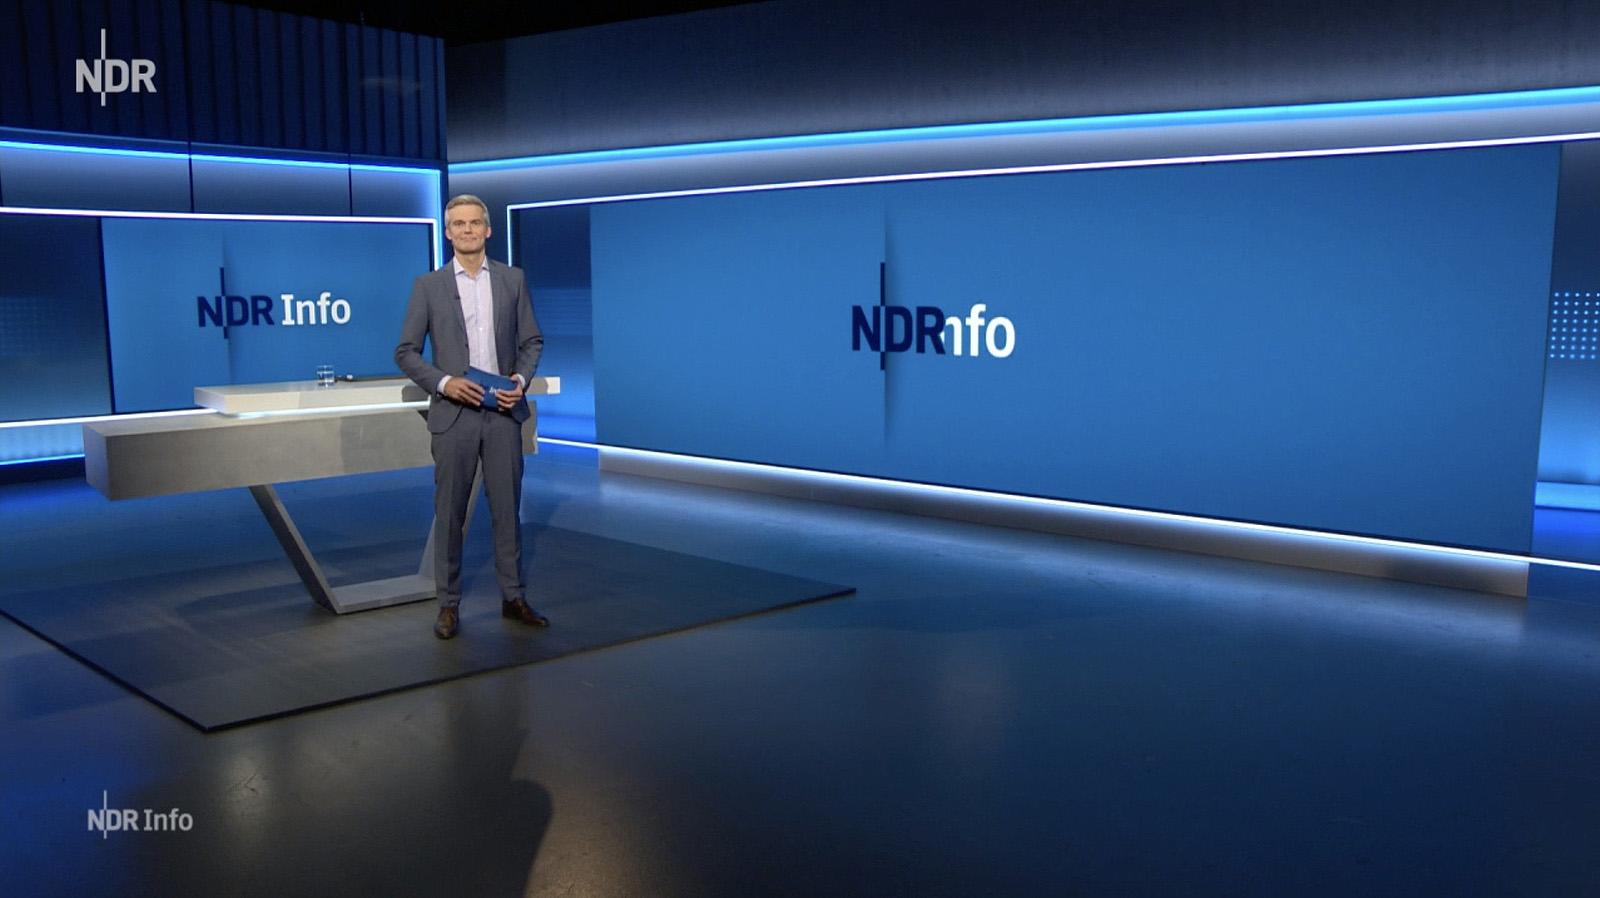 NCS_NDR-Info_Studio_2019_0001